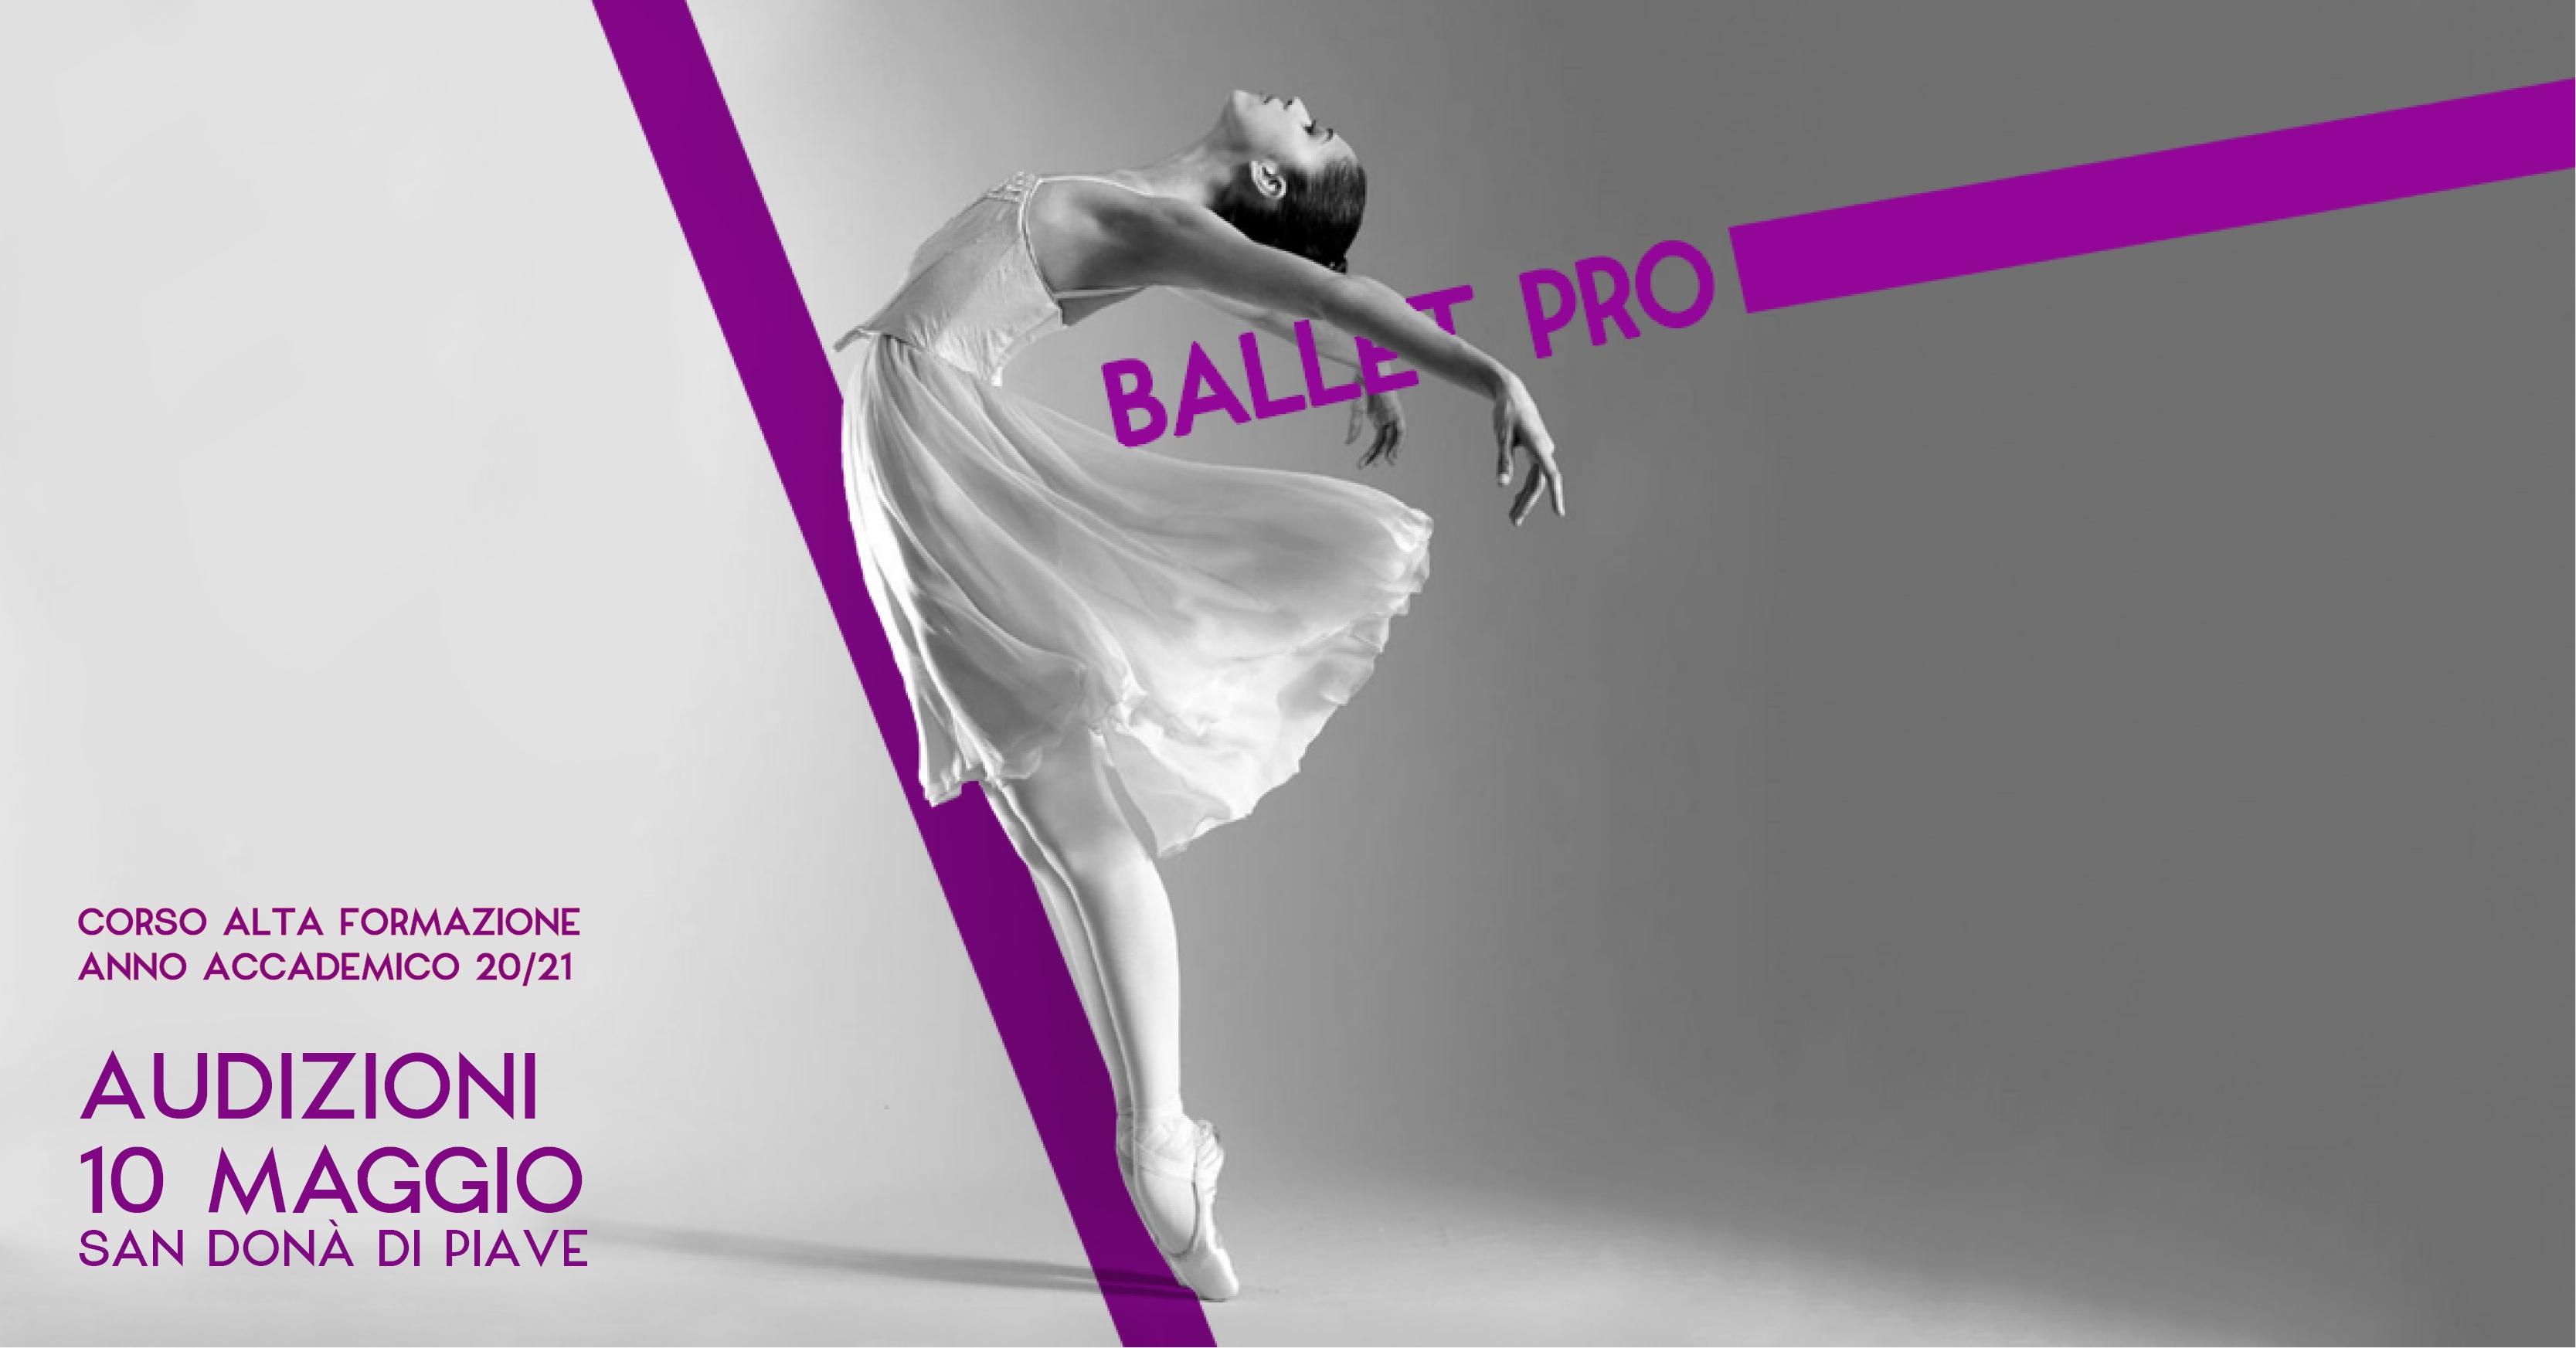 Ballet Pro - Corso Alta Formazione